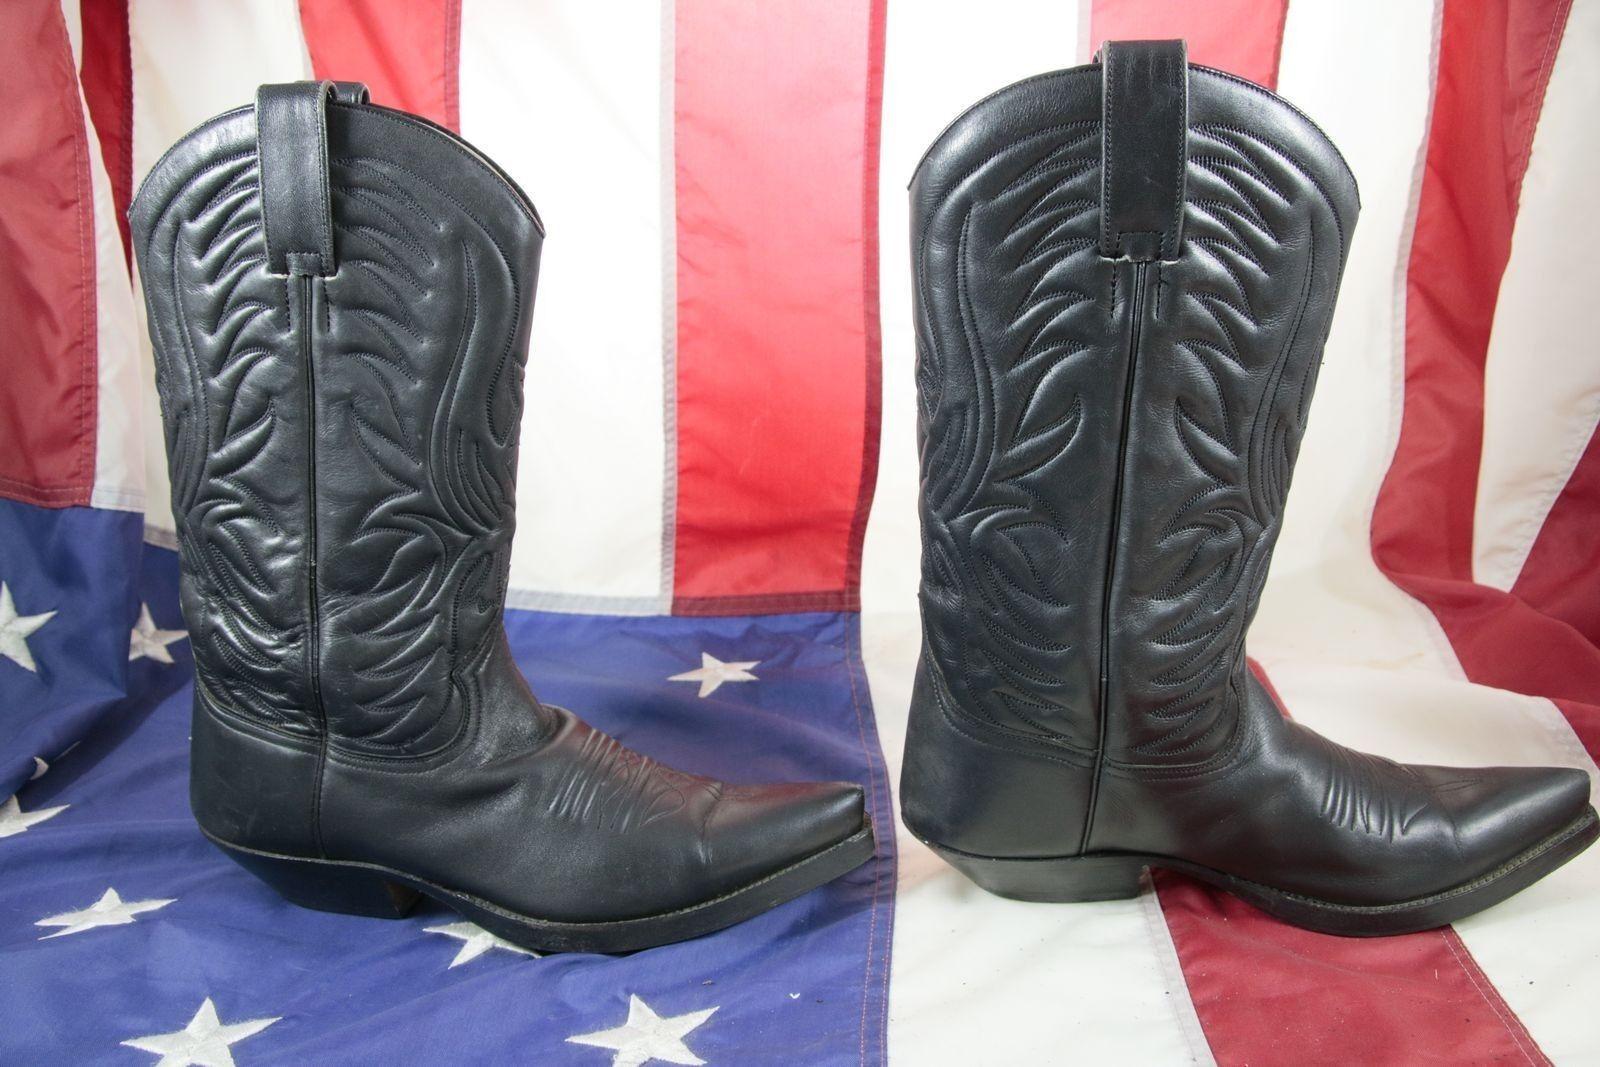 Stiefel BUFFALO cod. ST1838 schwarze gebraucht N.40 Frau Haut schwarze ST1838 Cowboy Bikers 42811d